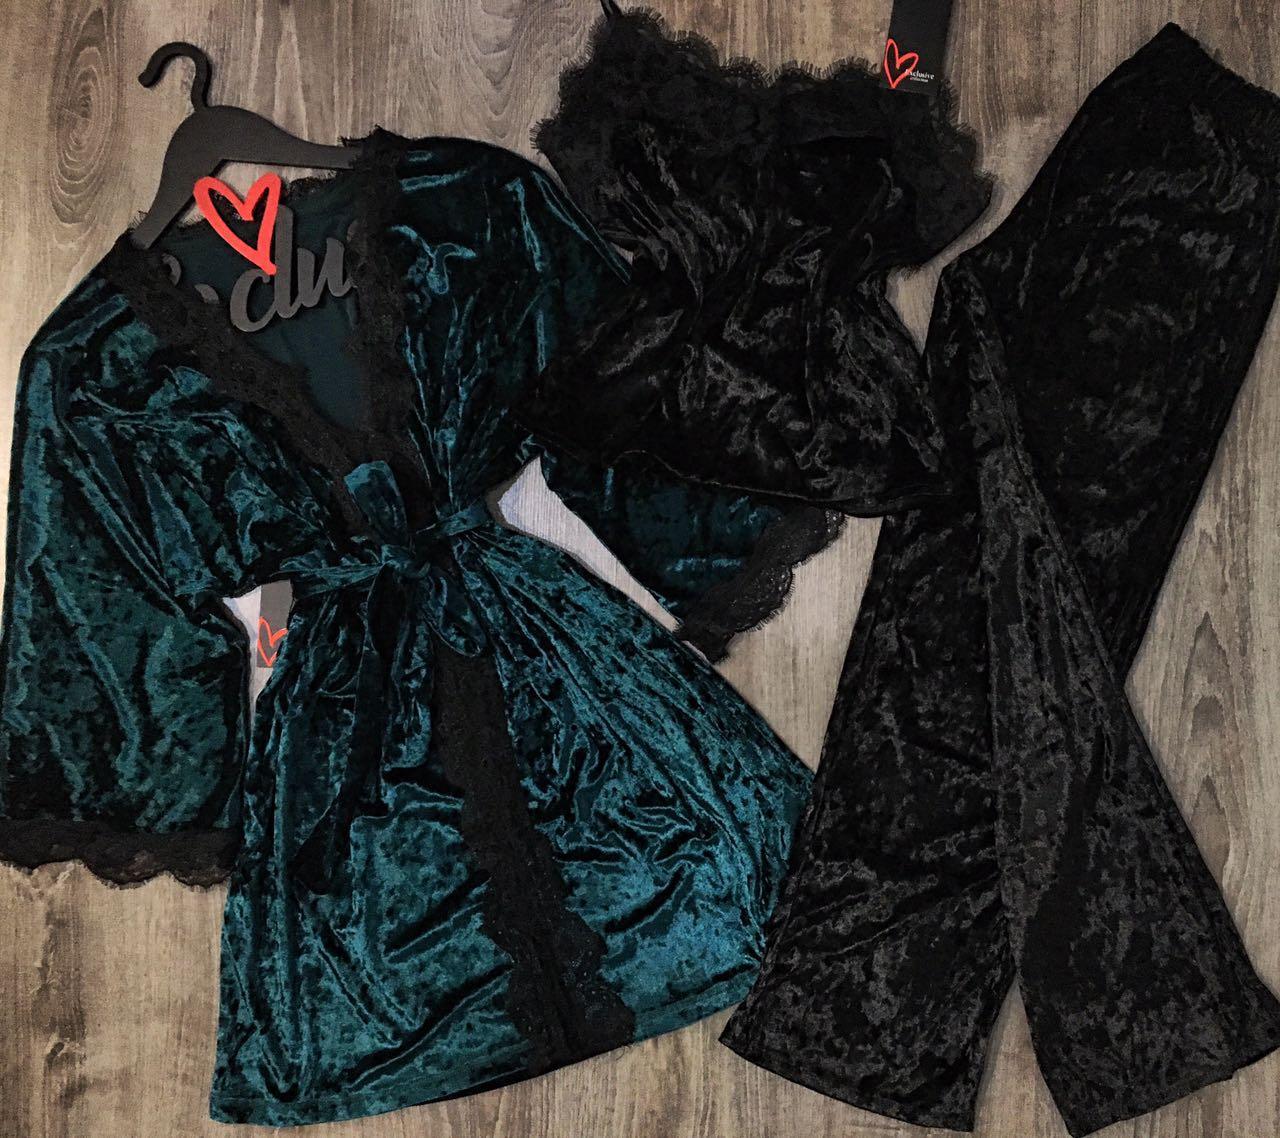 Пижама женская штаны и майка+халат-велюровый набор одежды для дома.